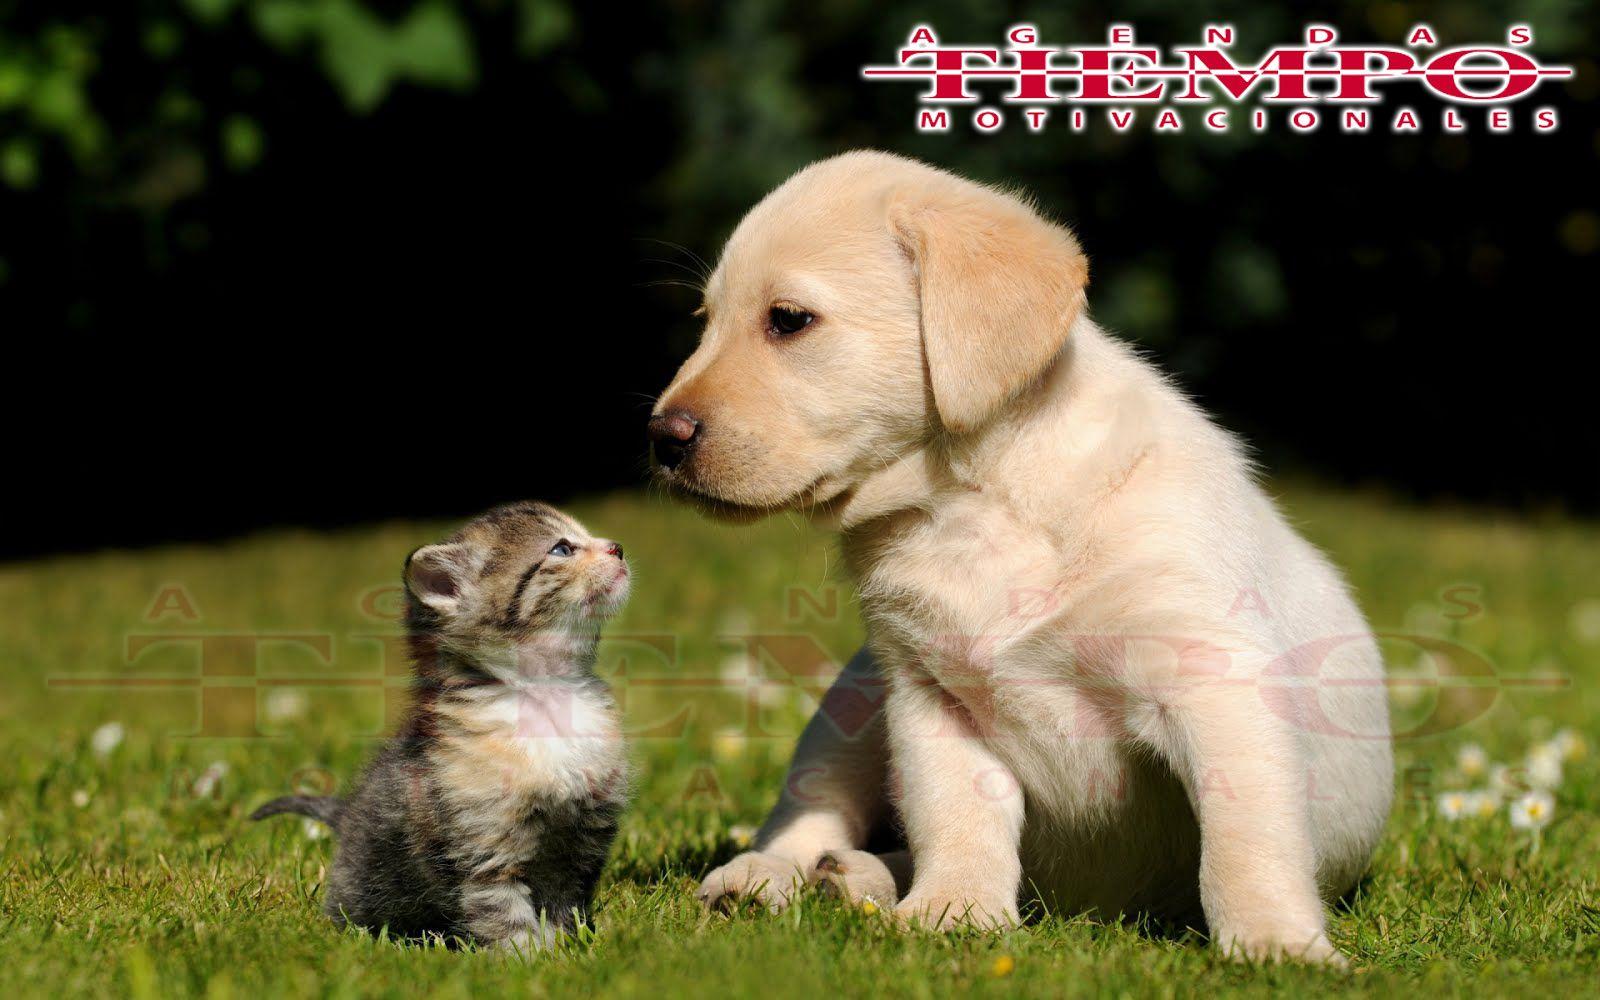 Perro Labrador Mascotas Agua Animales Entre Naufragio Perritos Tiernos Amor Amistad Buenas Noches